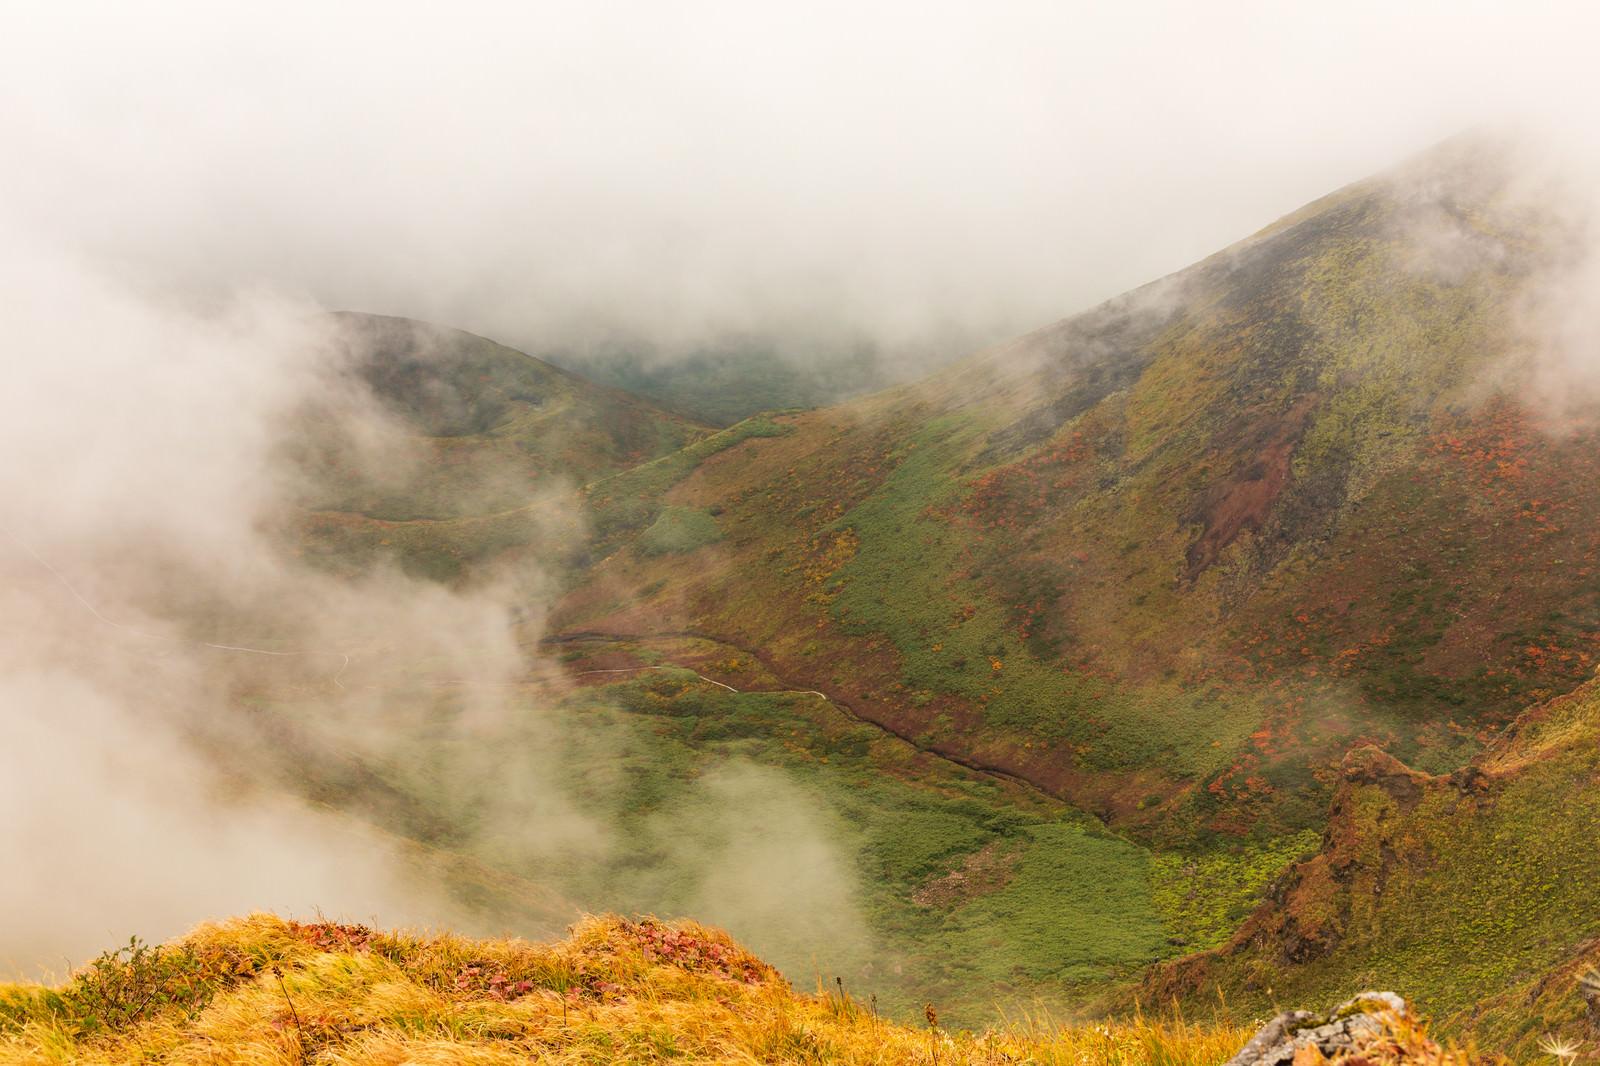 「沸き立つ霧に包まれるムーミン谷(駒ケ岳)」の写真